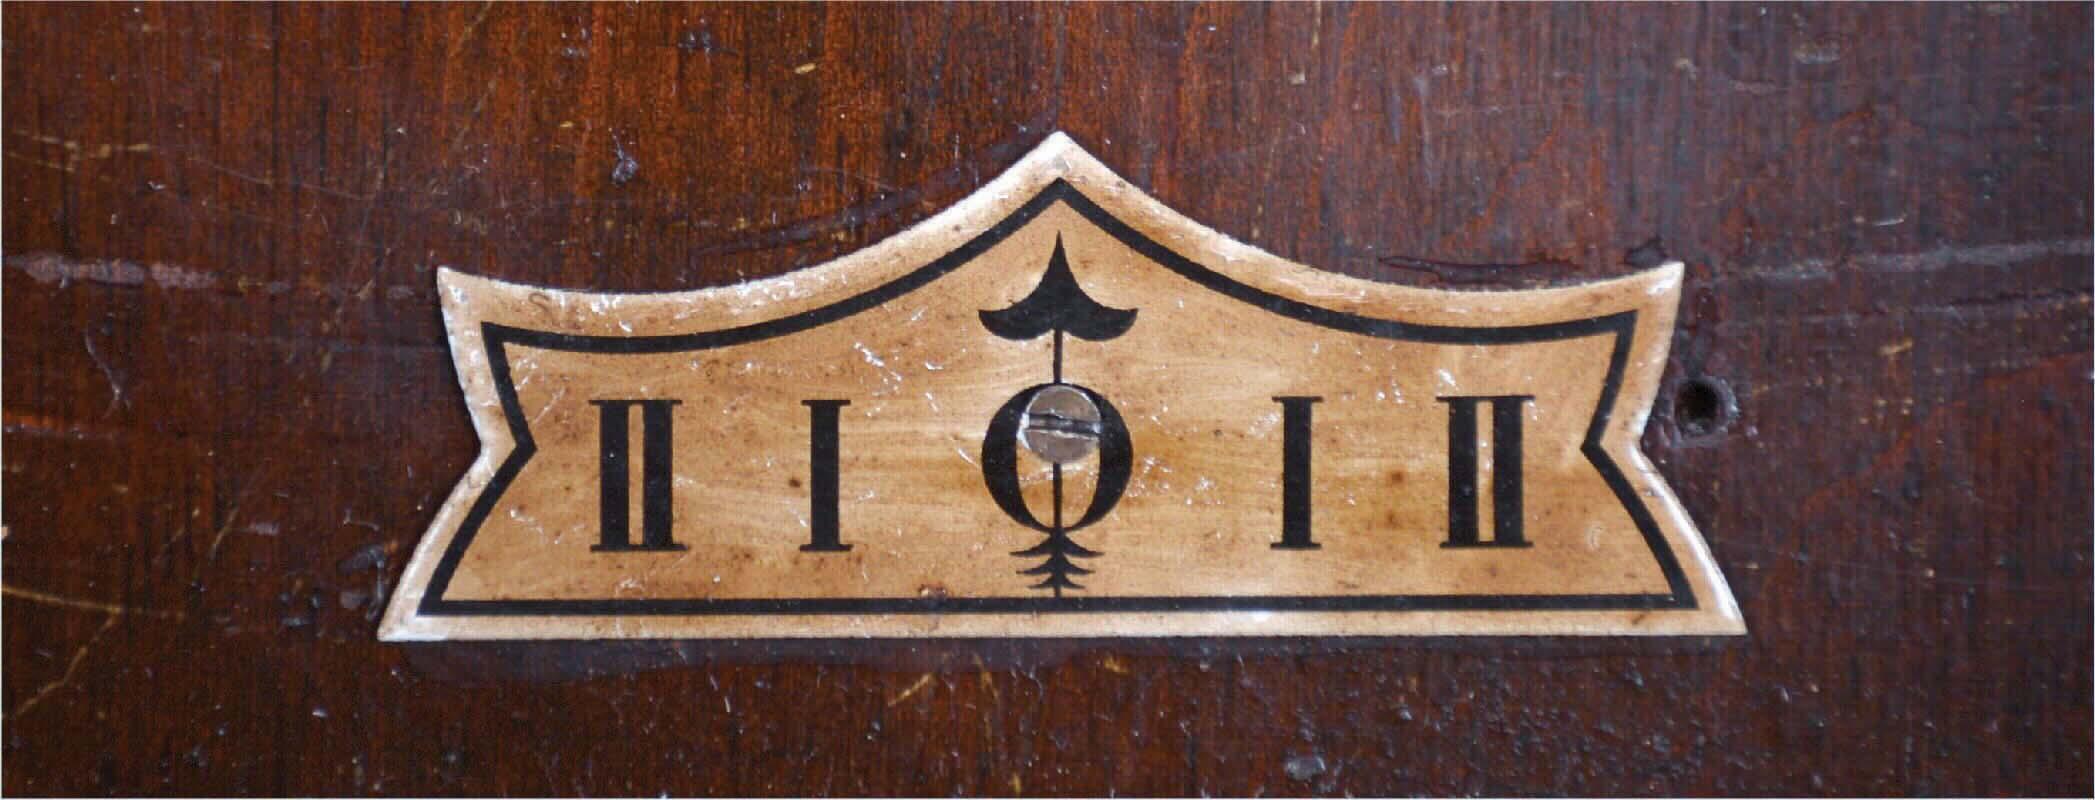 18757_05.jpg